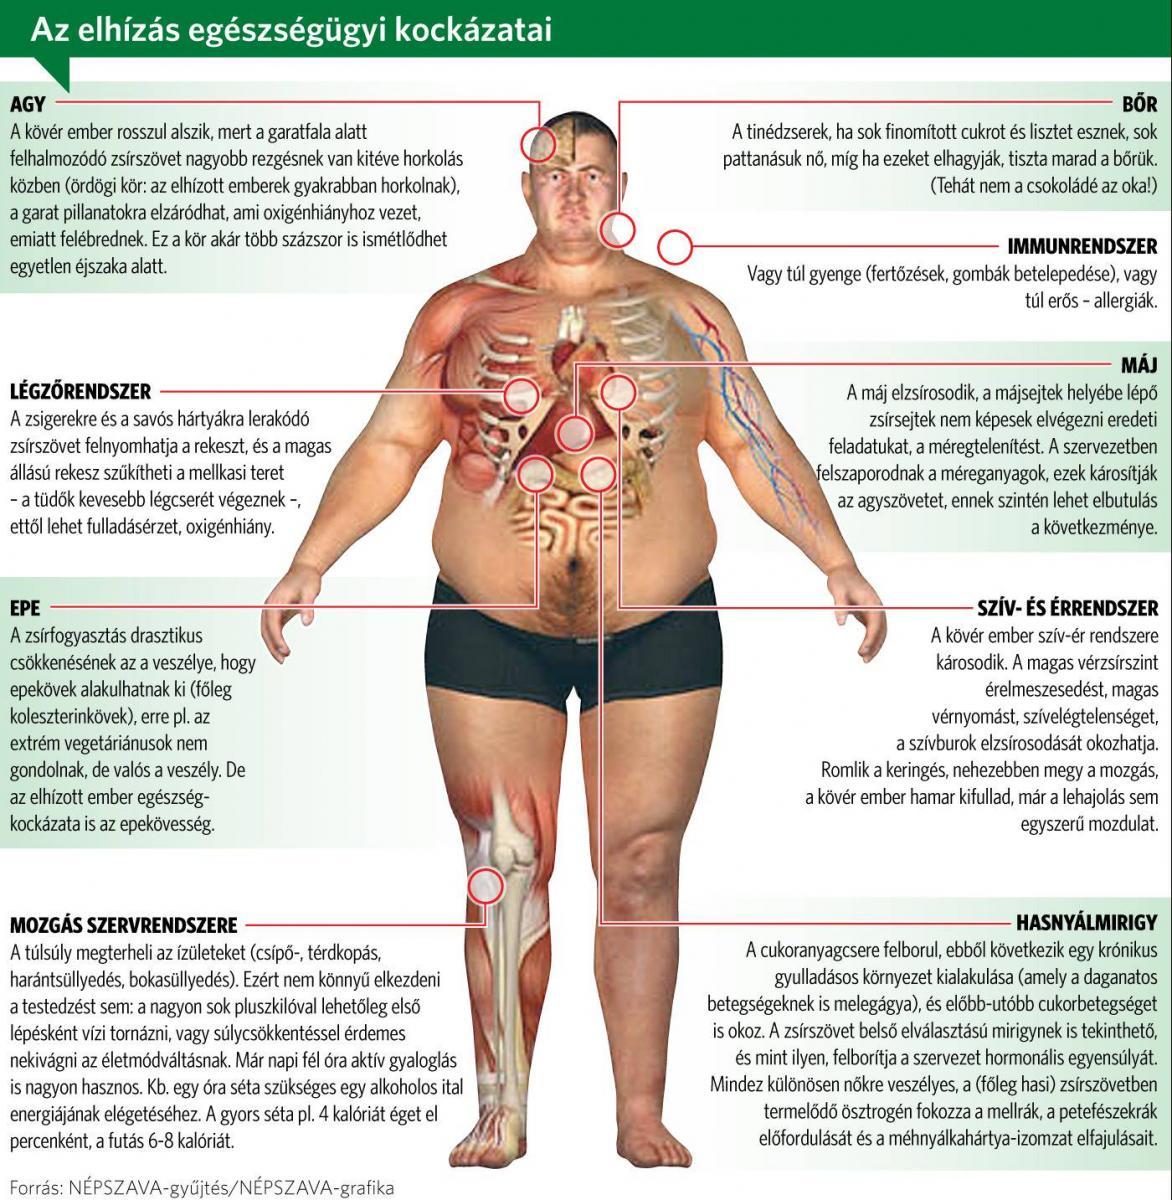 acv zsírvesztés esetén fogyni vagy zsír